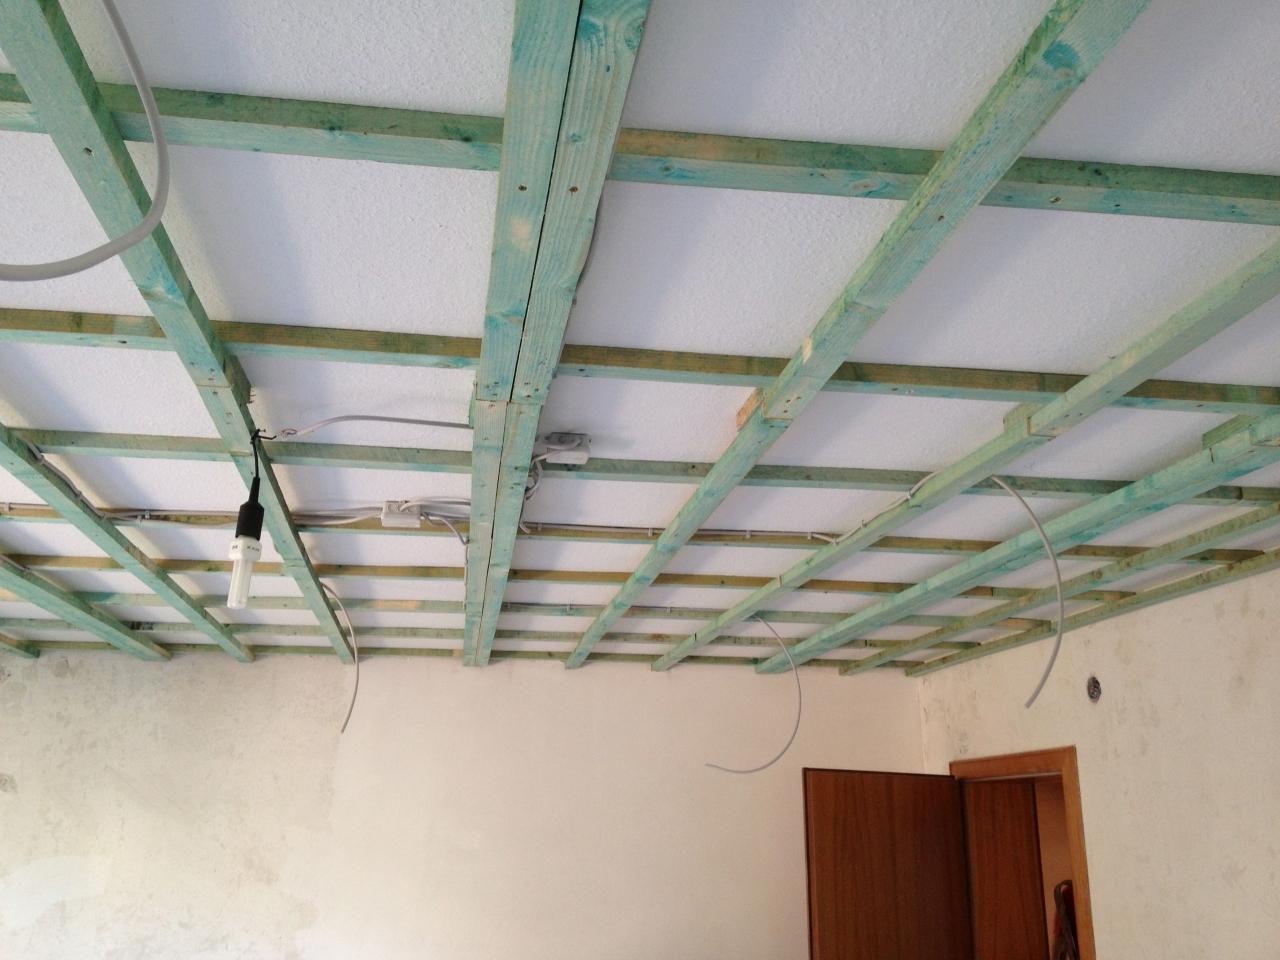 Hervorragend Wohnzimmerdecke abhängen und Lichtinstallation - Bauanleitung zum BH17